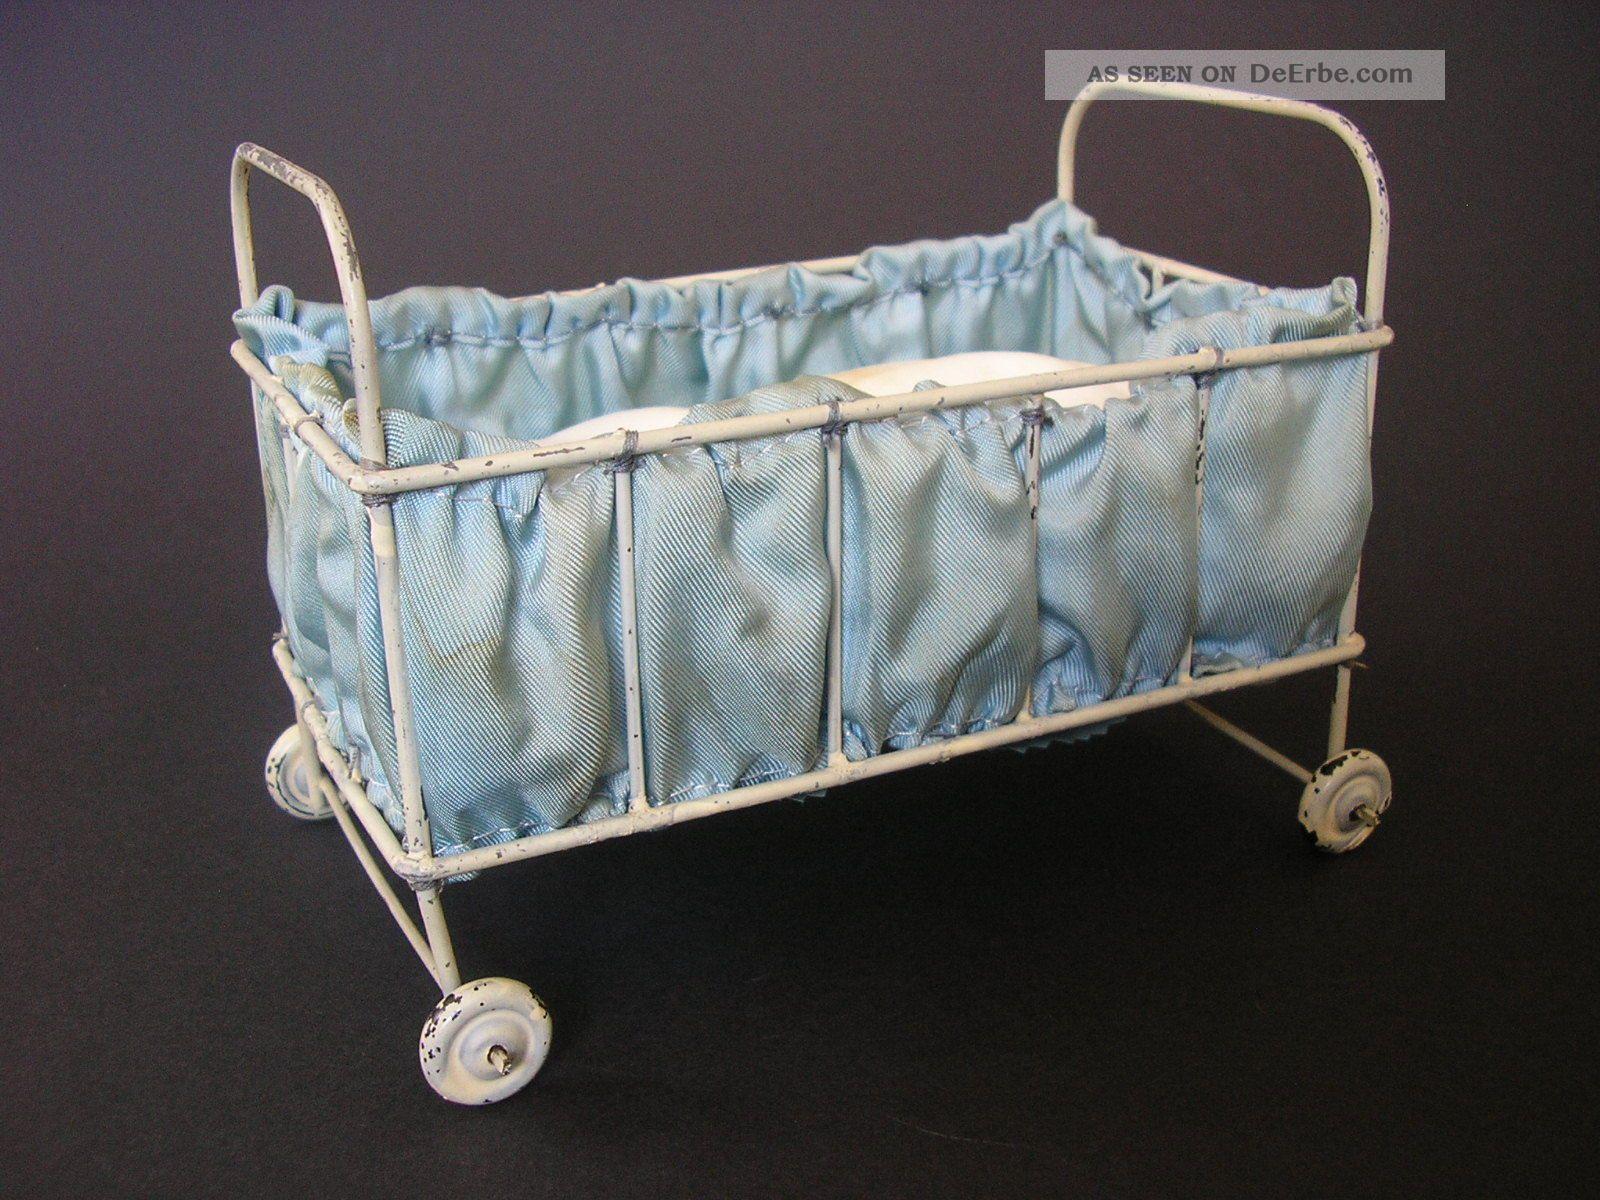 Antikes Puppenbett Mit RÄdern Bett Mit Matratze Puppenstube Blech Selten Original, gefertigt 1945-1970 Bild